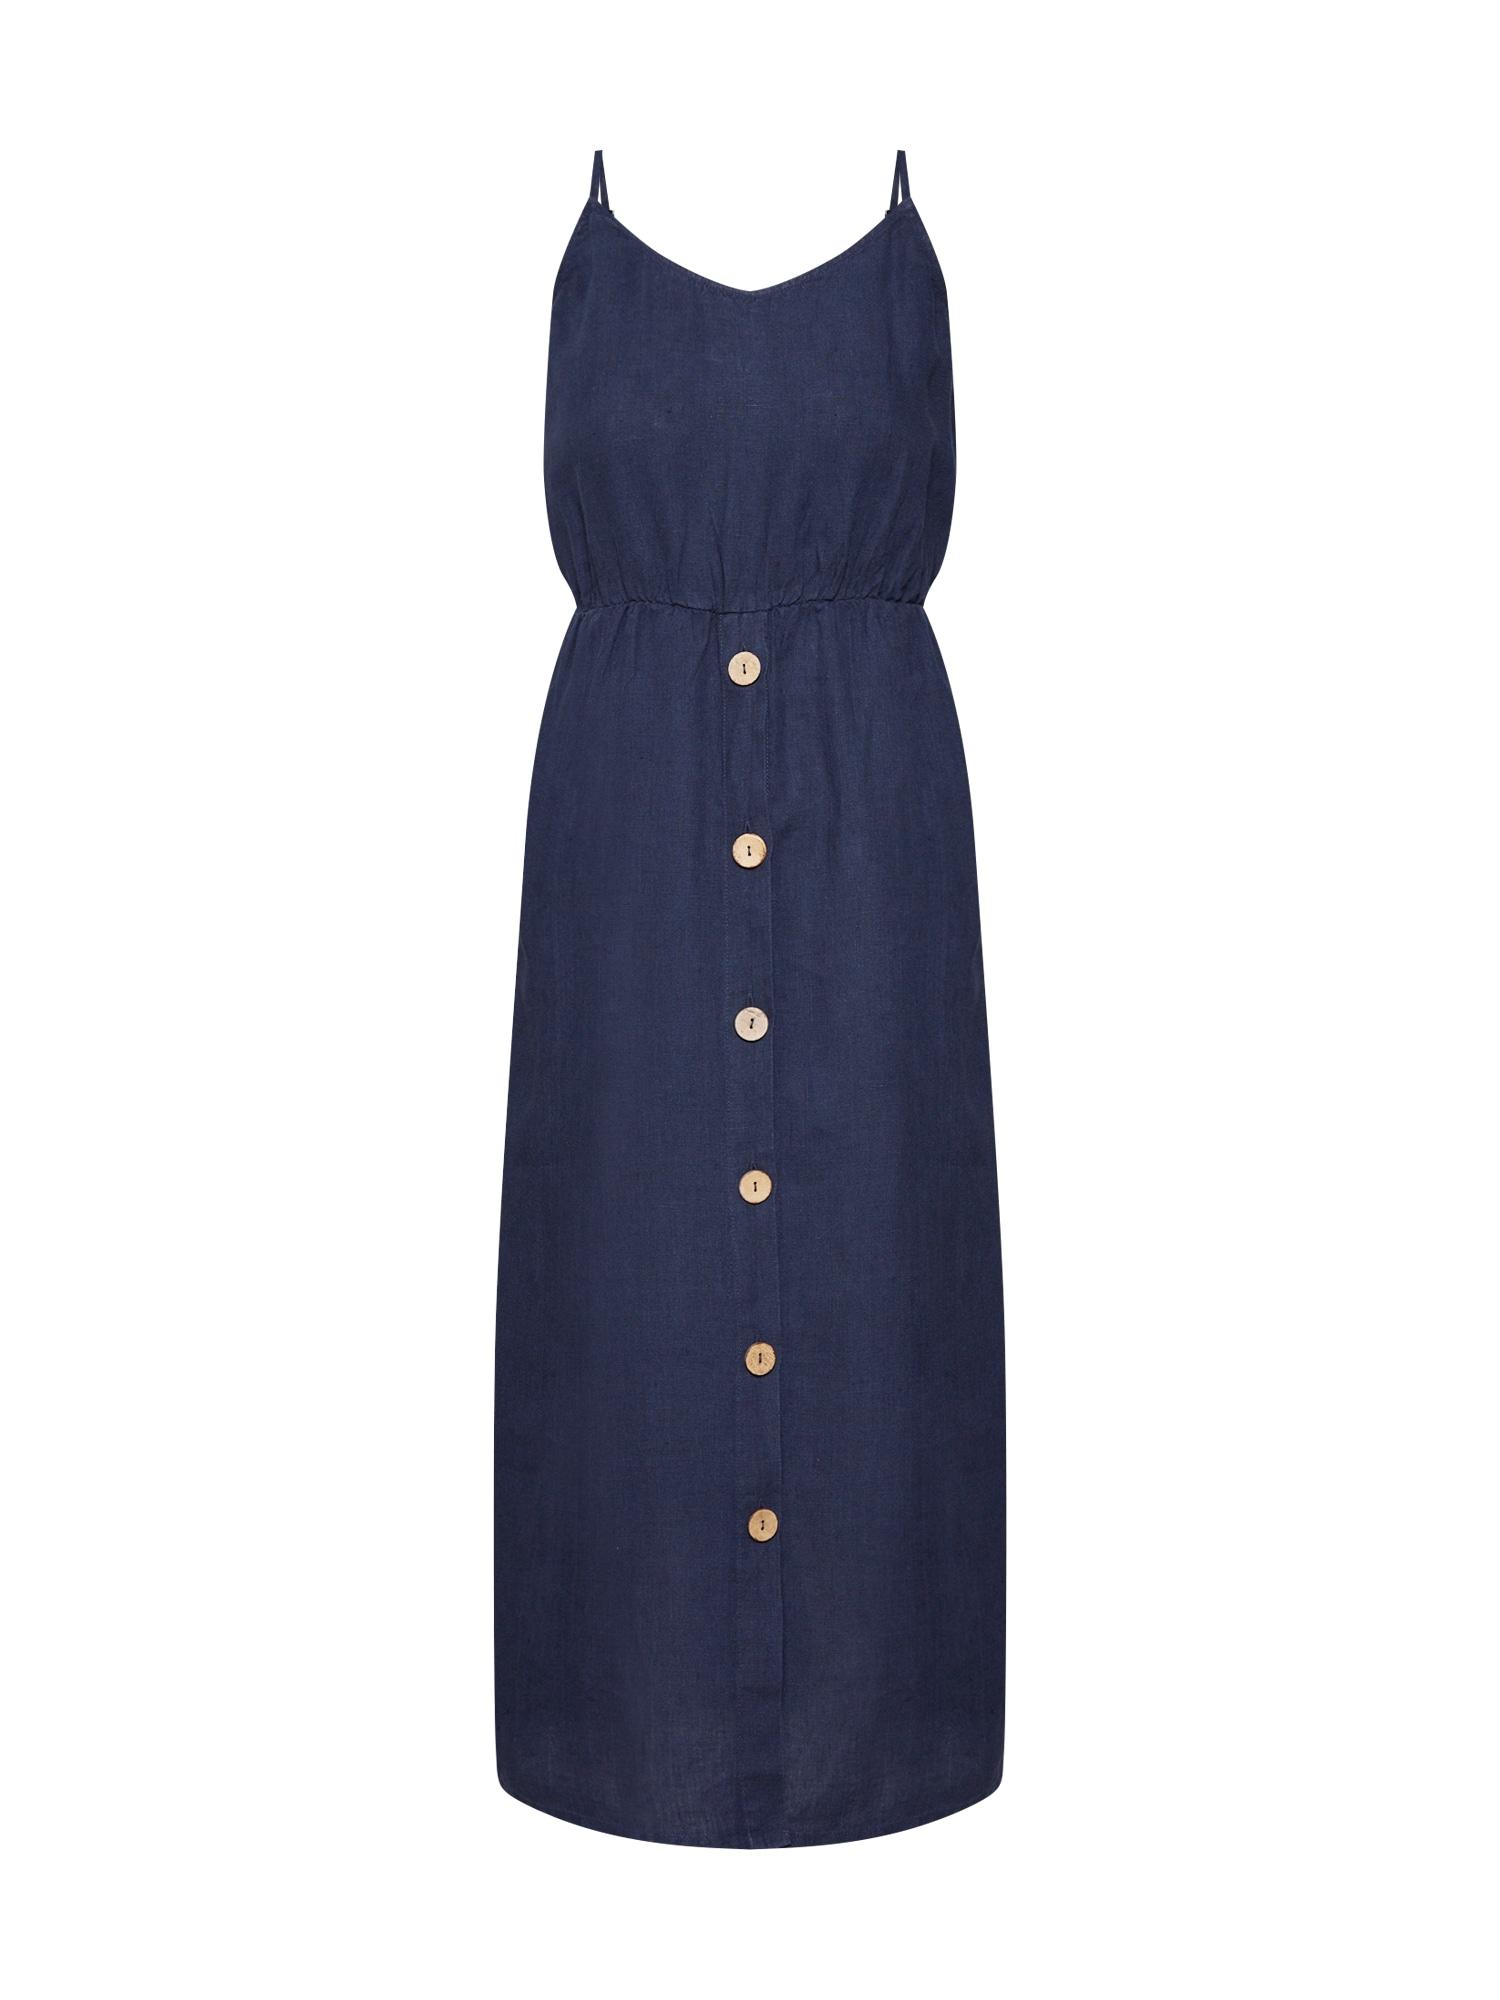 Letní šaty RIKO tmavě modrá BROADWAY NYC FASHION